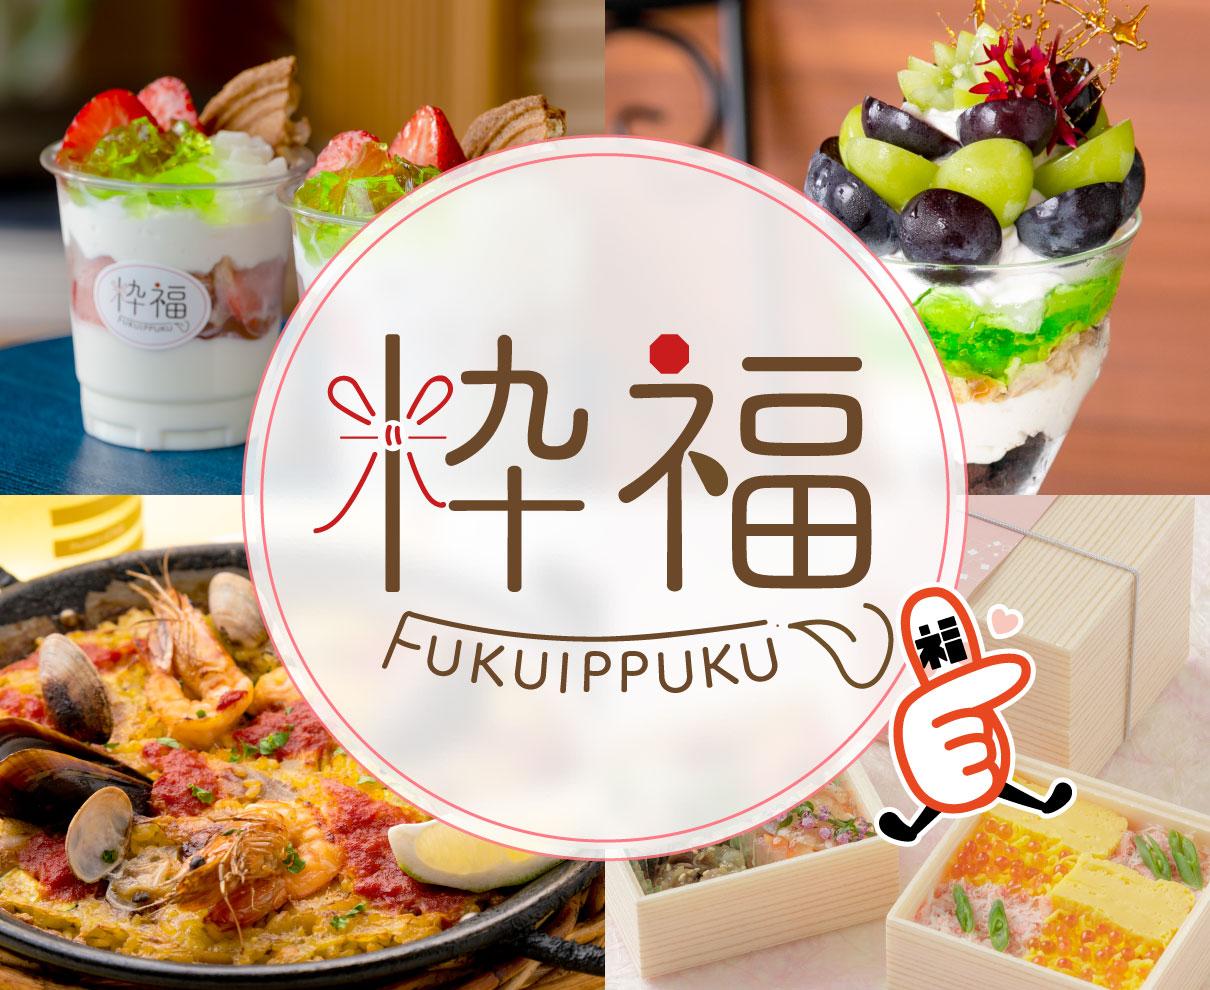 """福井の""""食""""は美味しくてフォトジェニック!この秋、完全デビューした「粋福グルメ」はもう食べた?"""